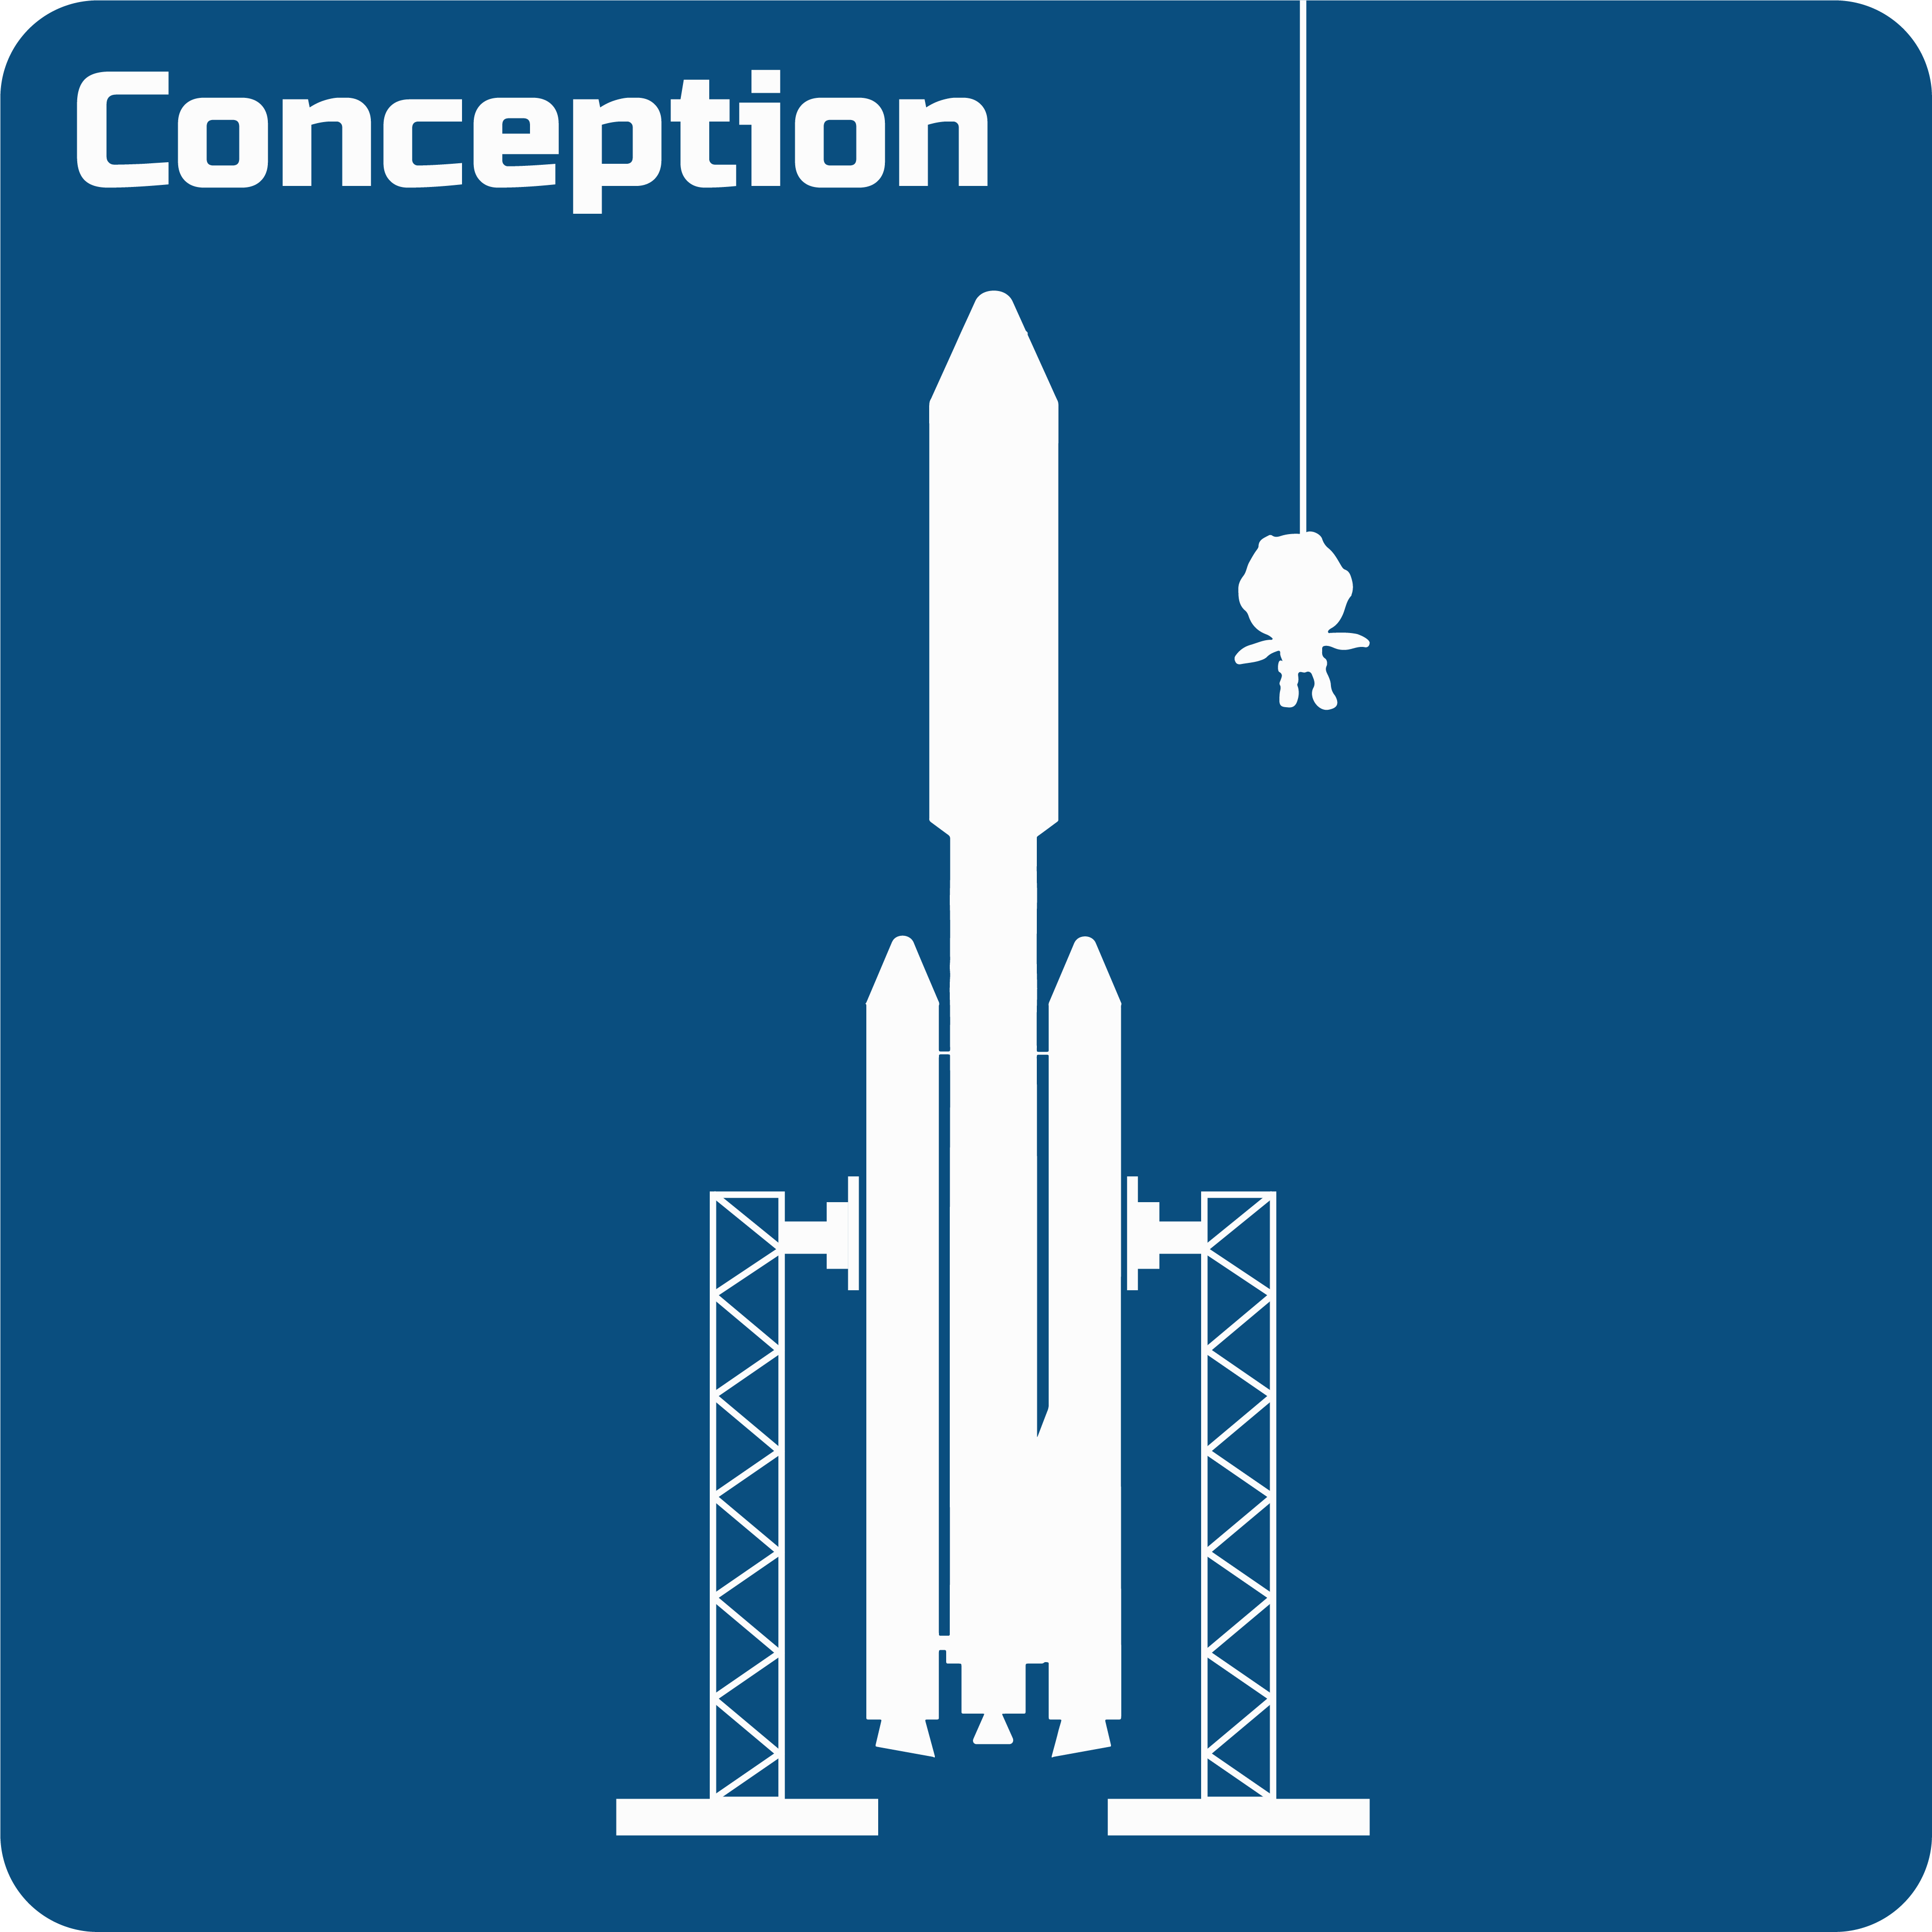 Conception Vignette Challenge